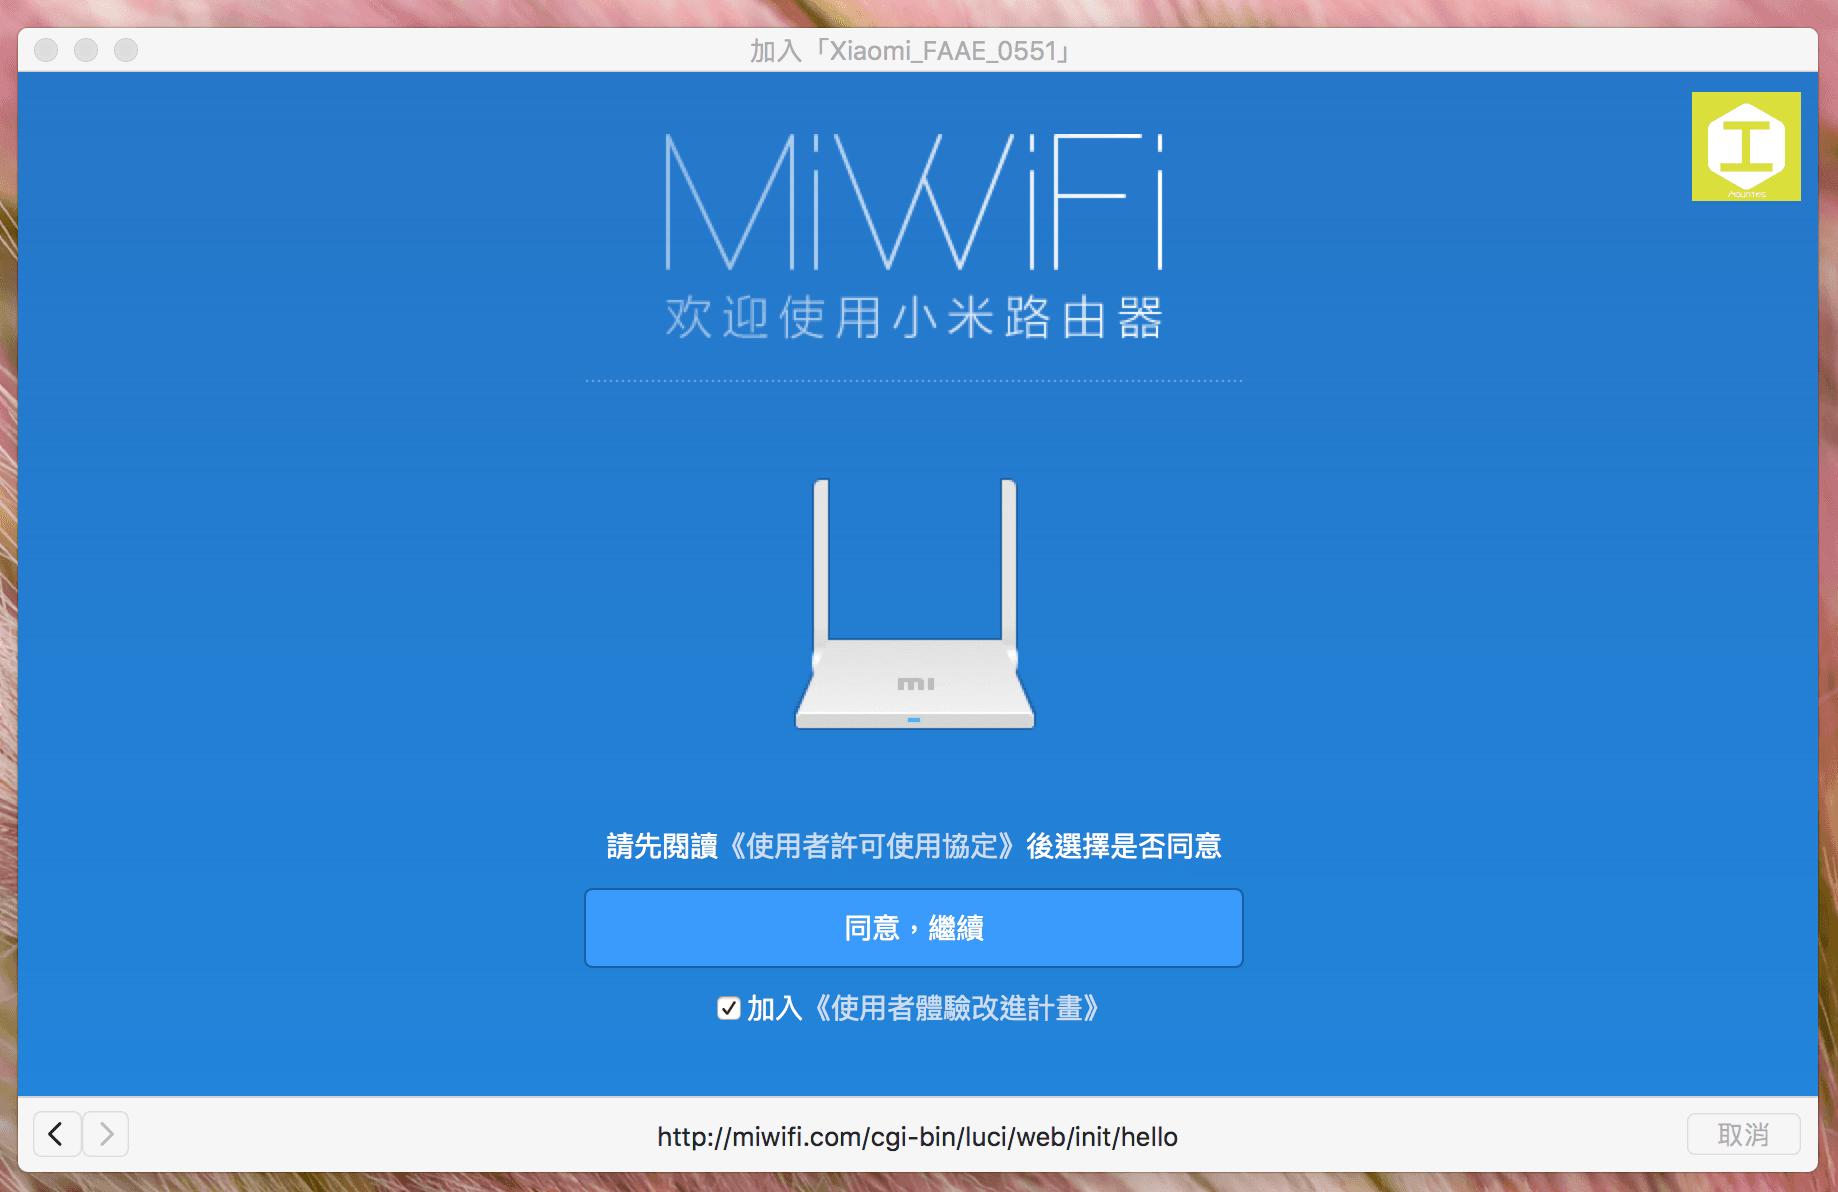 小米路由器 MiWiFi 啟動畫面。